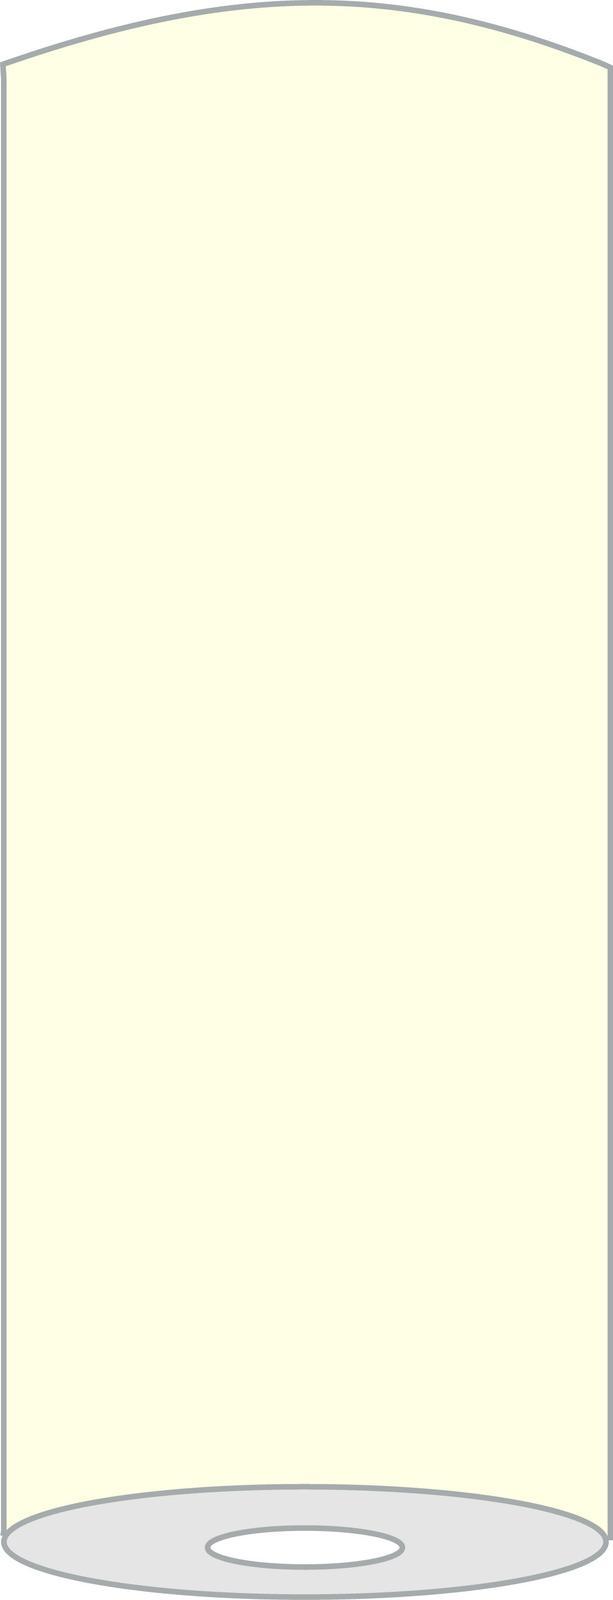 Šerpy jednofarebné zn. Mank - rôzne farby - Obrázok č. 3